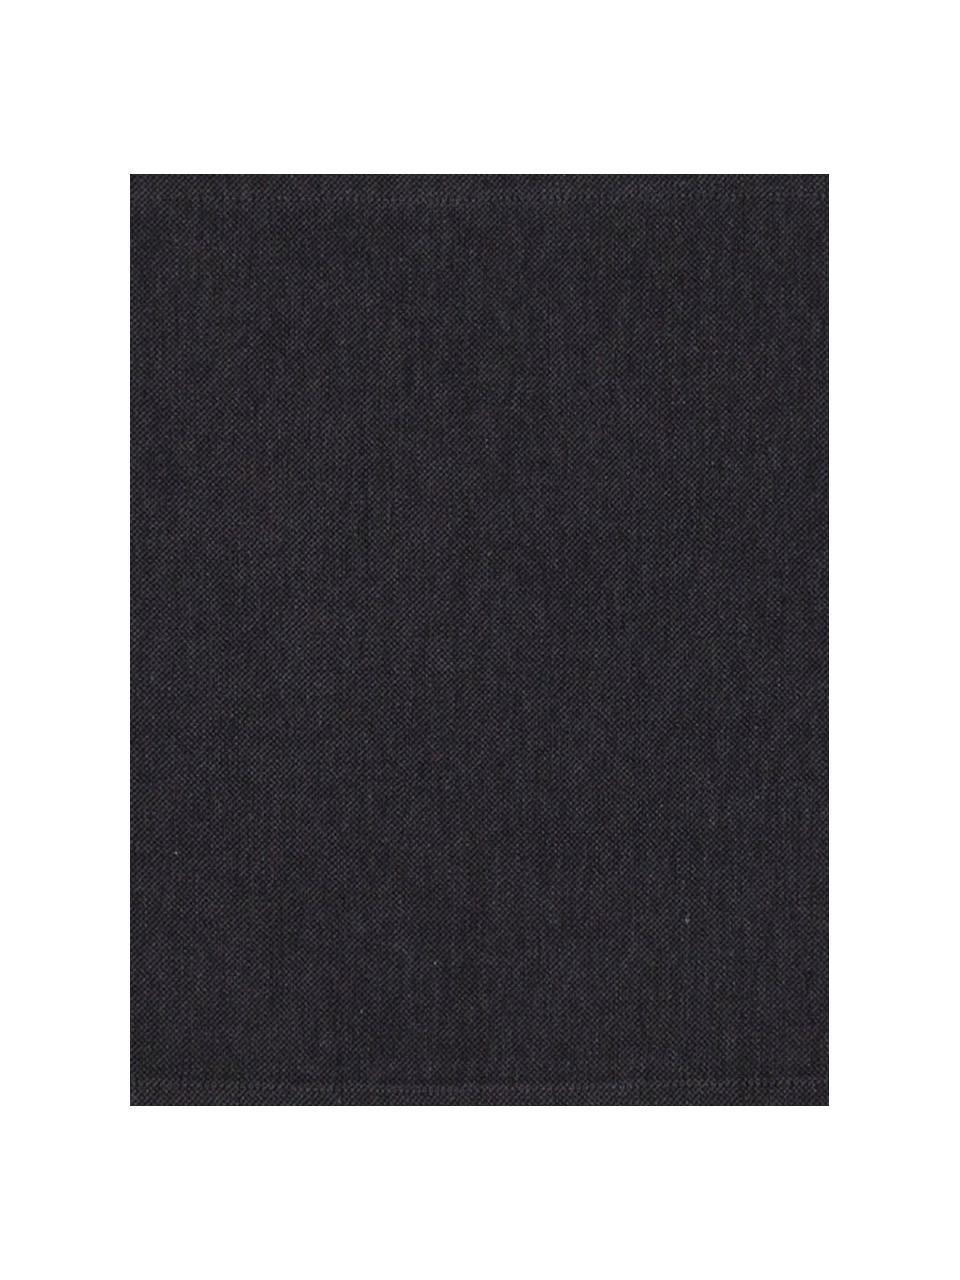 Runner in misto cotone antracite Riva, 55% cotone, 45% poliestere, Antracite, Larg. 40 x Lung. 150 cm